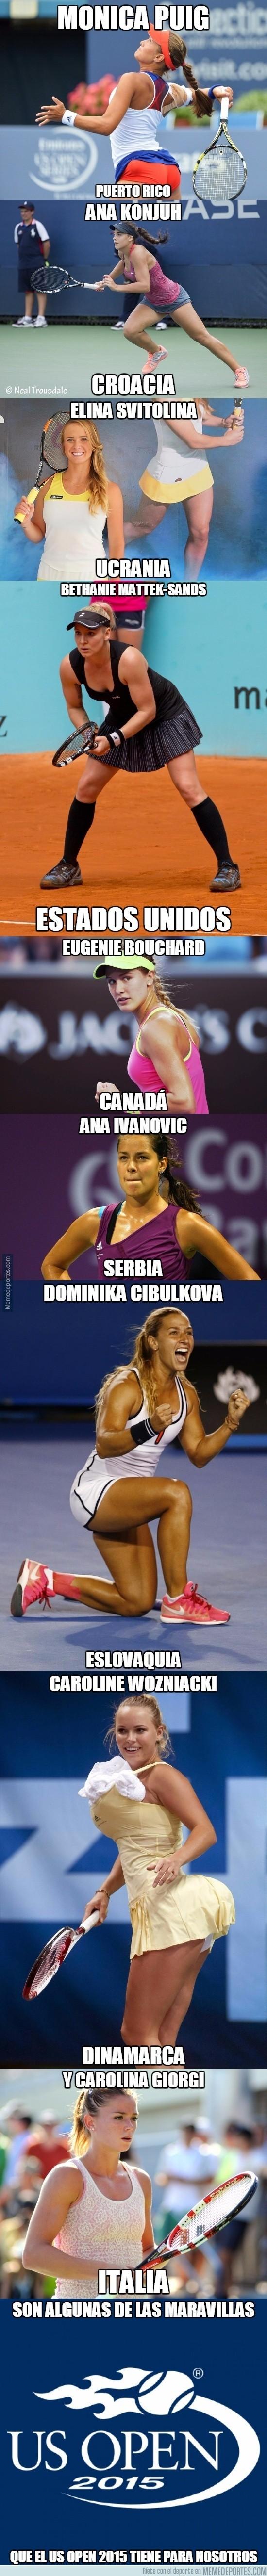 674988 - Algunas de las maravillas del US Open femenino